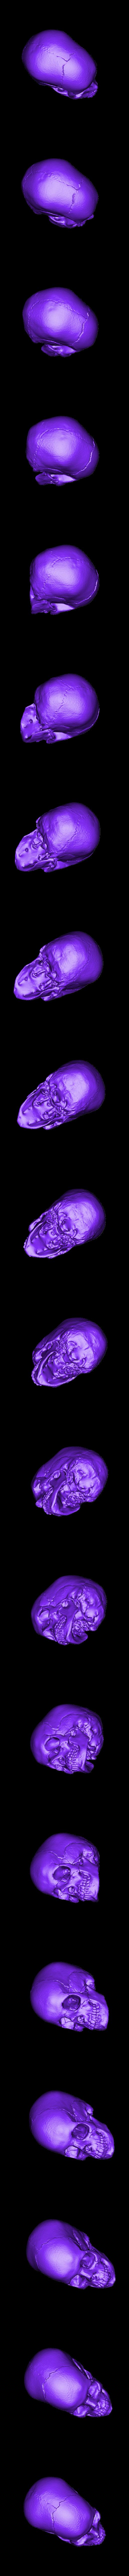 My_Scan_22.stl Télécharger fichier STL gratuit Crâne anatomique • Modèle pour imprimante 3D, Cornbald